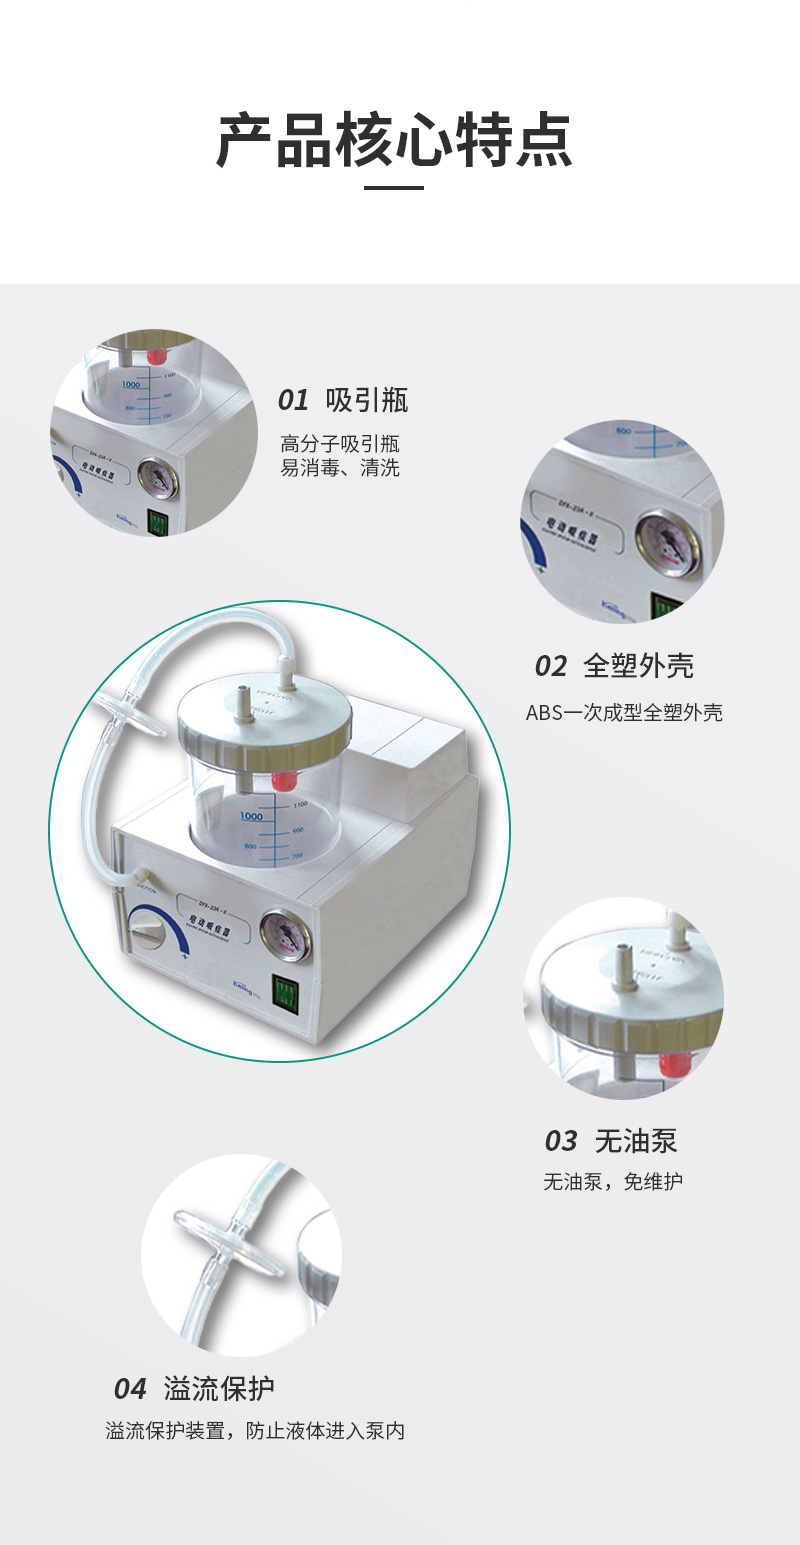 电动吸痰器DFX-23A·II (2).jpg